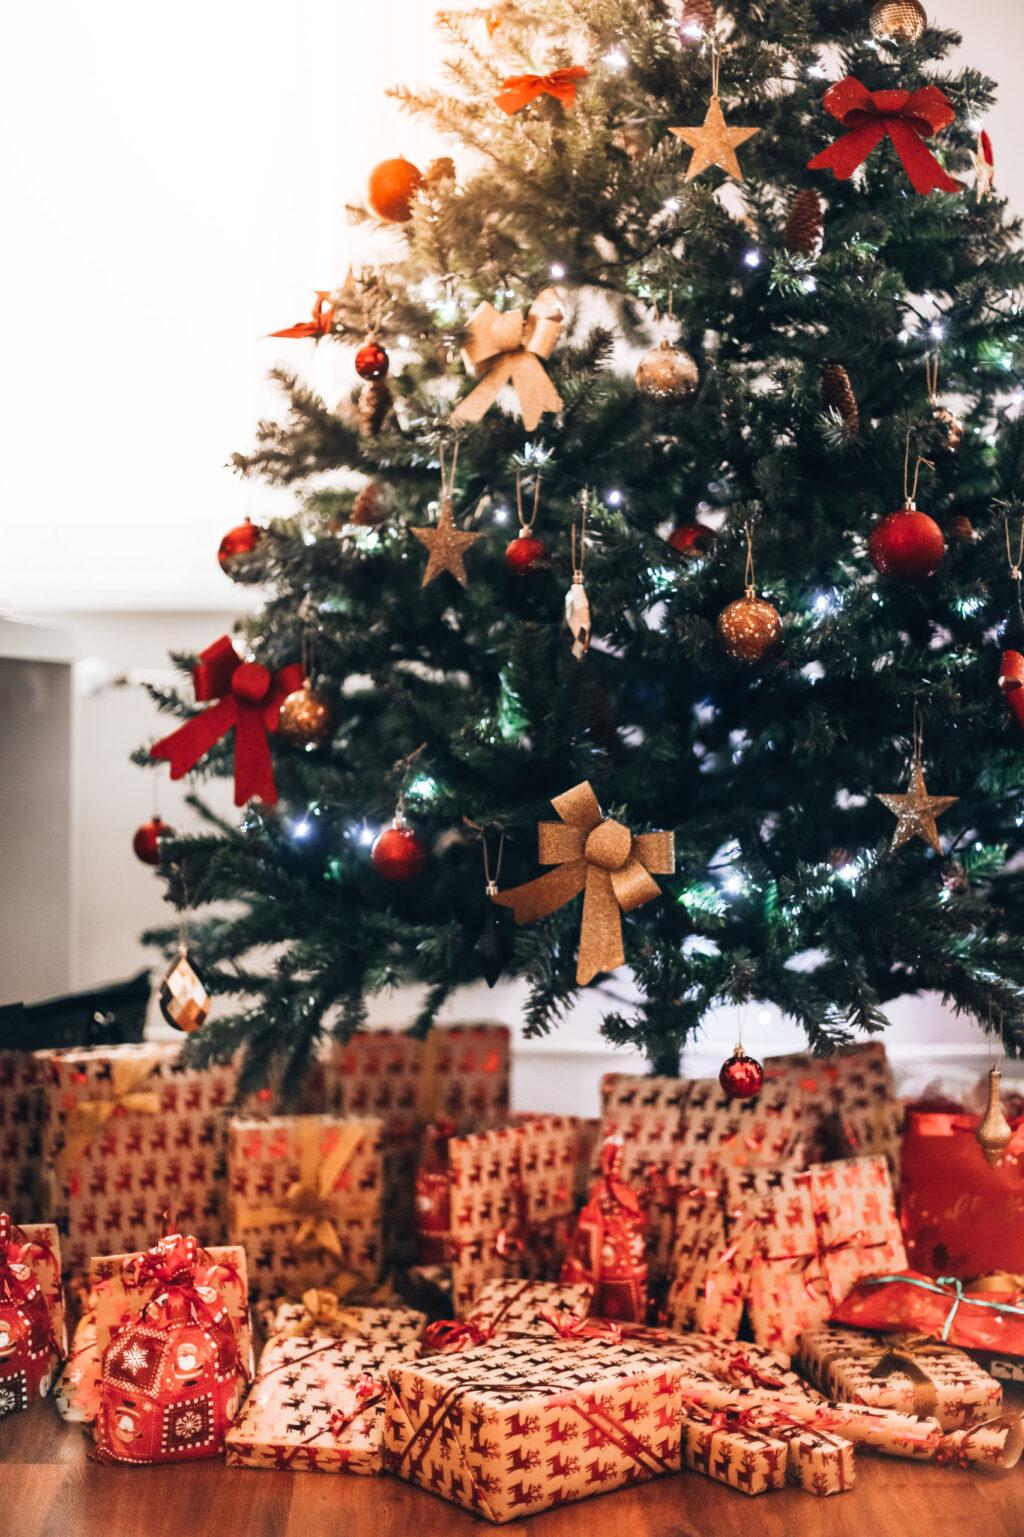 クリスマスイベントにオススメ!読み聞かせで人気のサンタさんやプレゼントが満載に出てくるクリスマス絵本オススメ4選